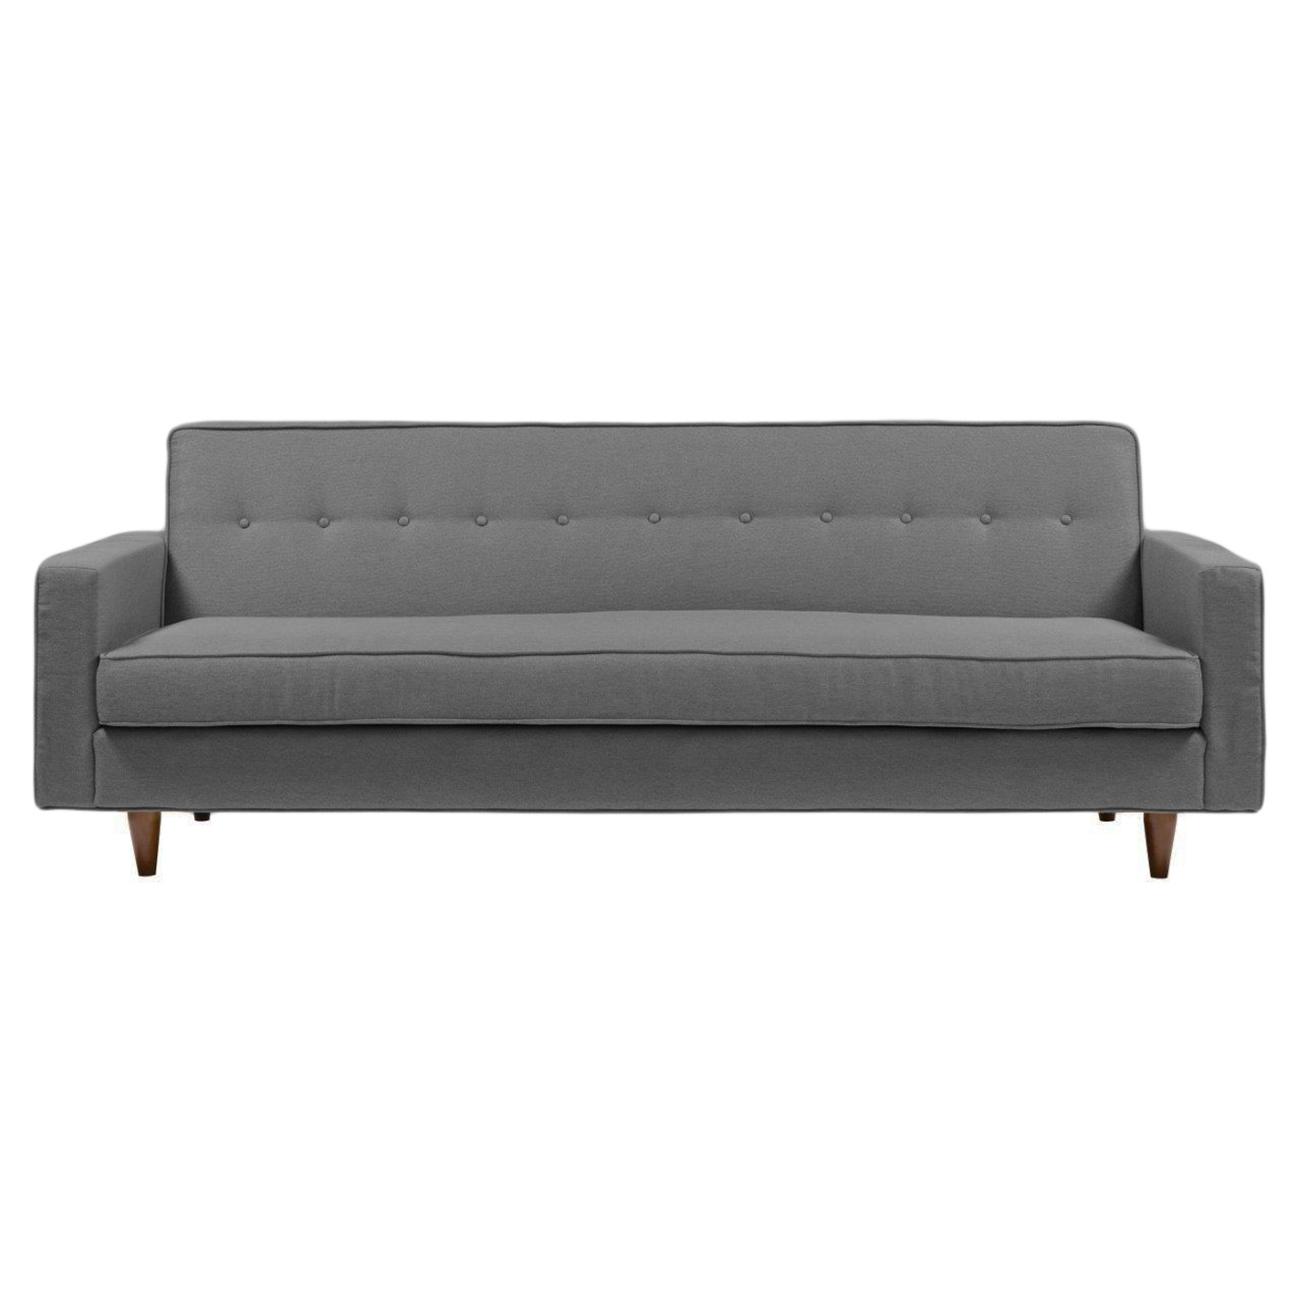 Купить Диван Bantam Sofa Большой Лён Серый в интернет магазине дизайнерской мебели и аксессуаров для дома и дачи